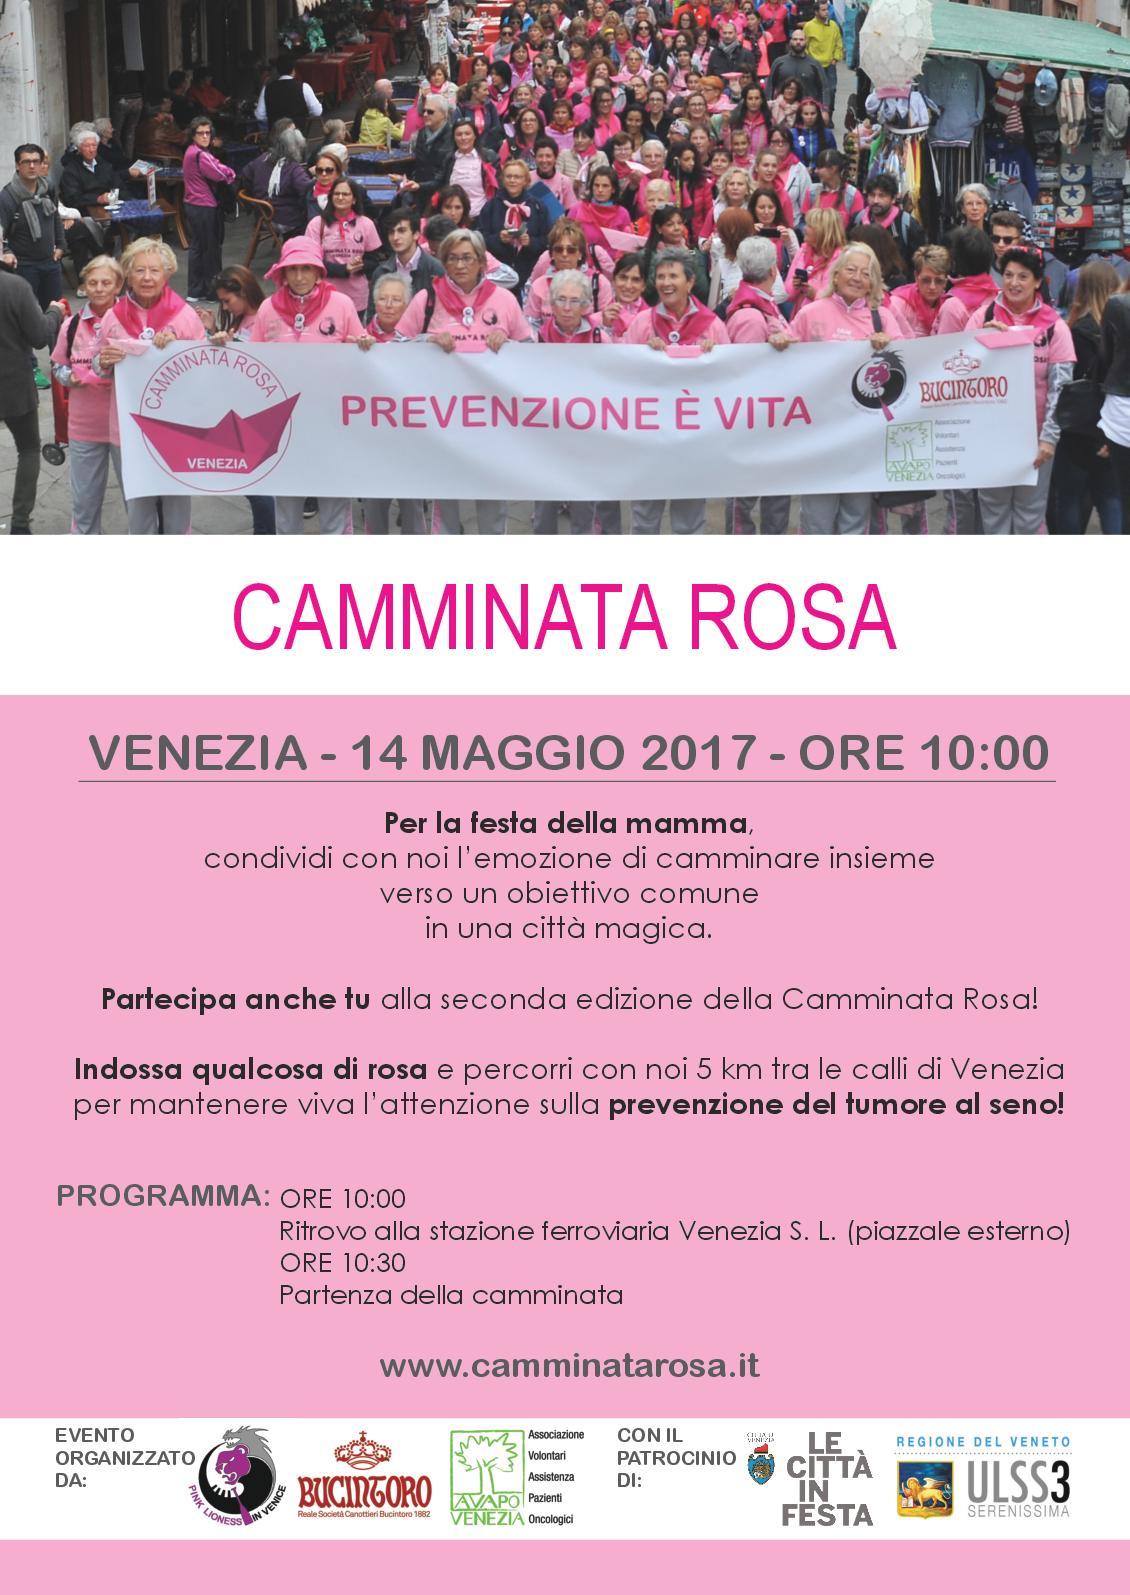 Locandina Camminata rosa 2017